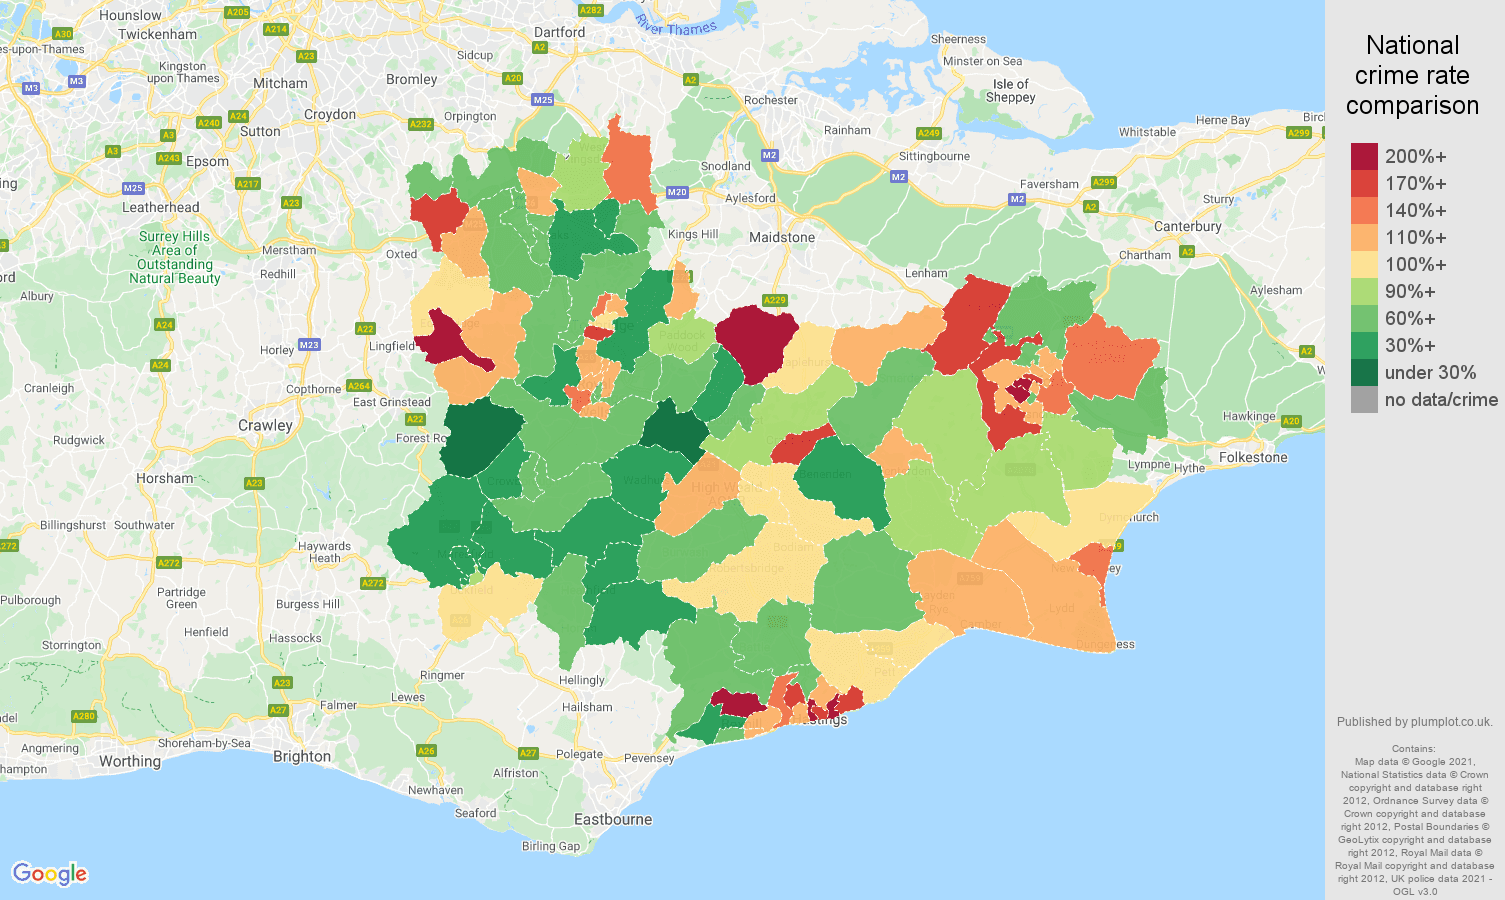 Tonbridge criminal damage and arson crime rate comparison map